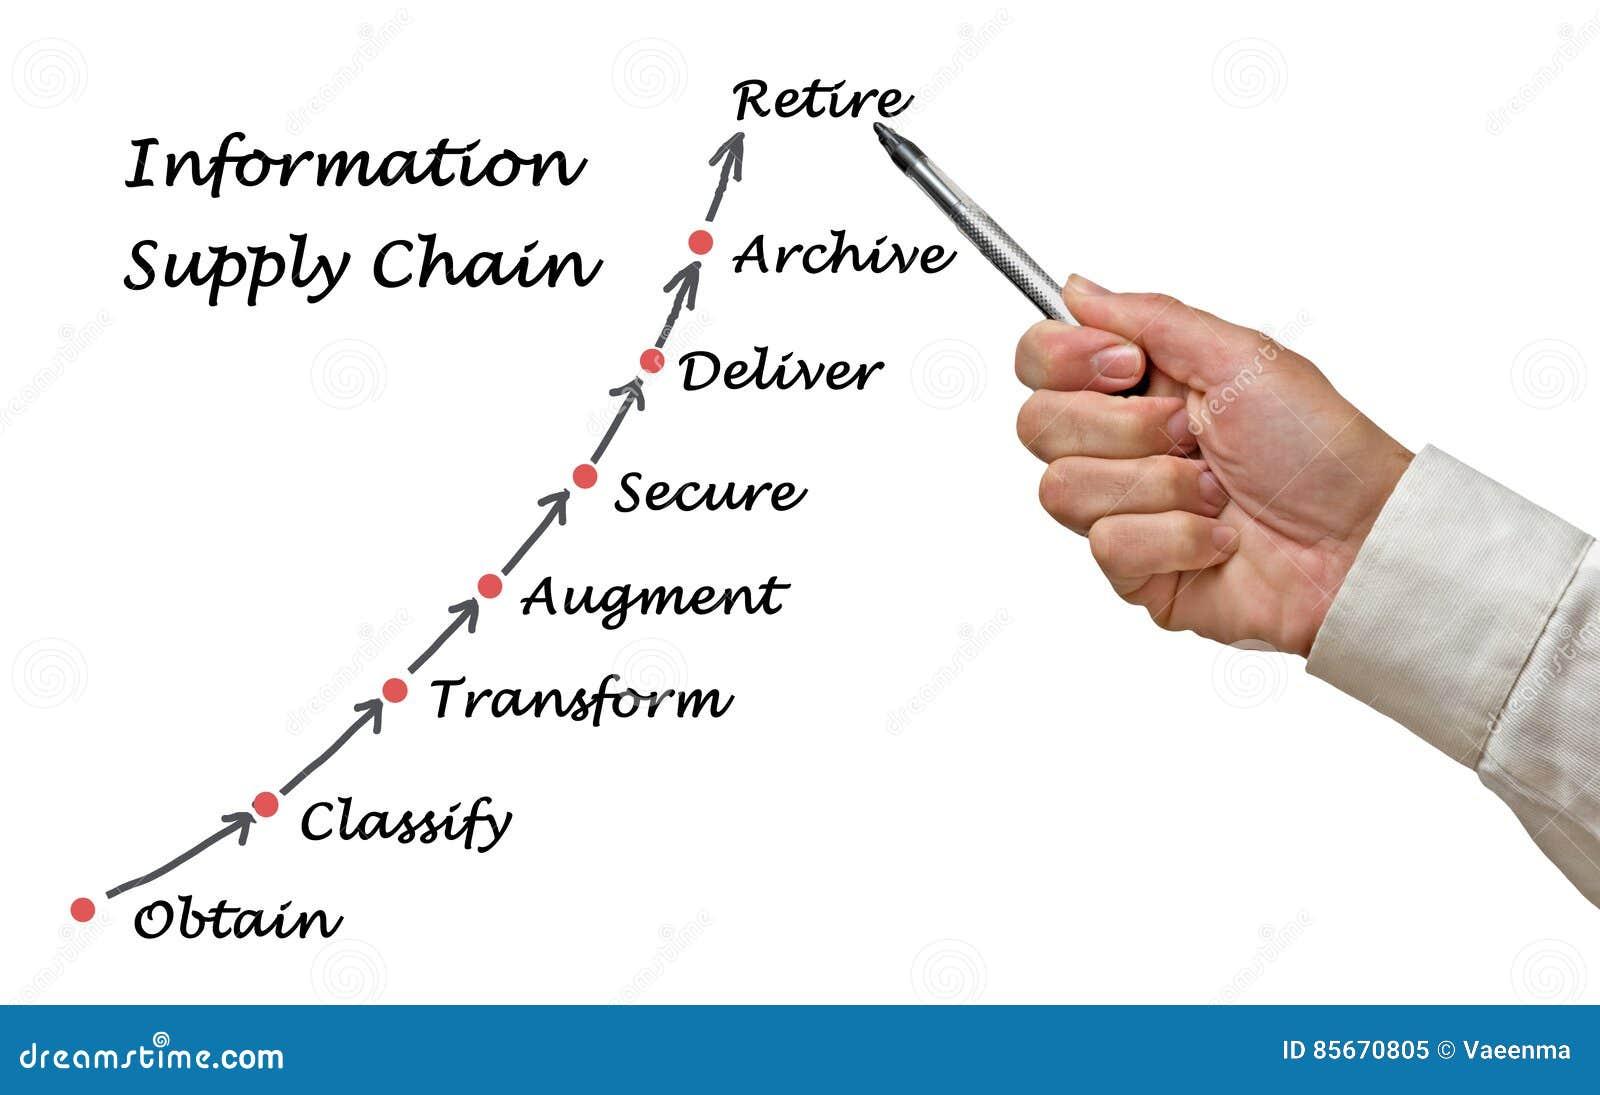 Diagramma della catena di fornitura di informazioni